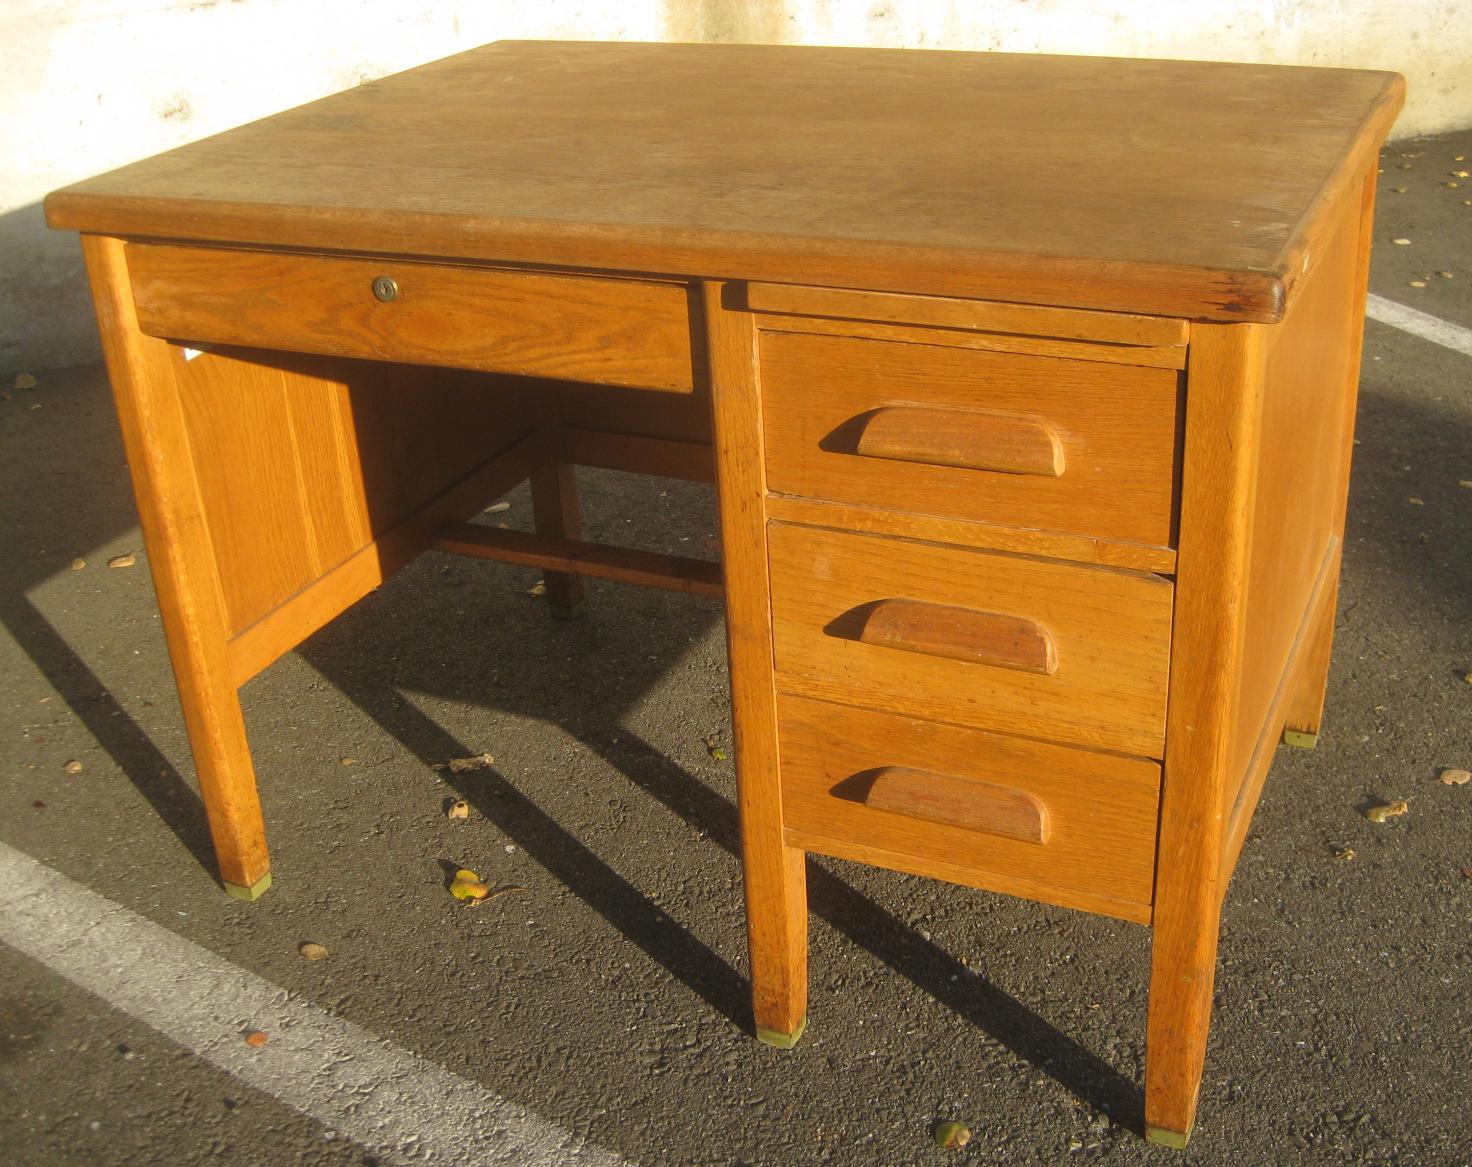 uhuru furniture collectibles sold smaller oak teacher 39 s desk 80. Black Bedroom Furniture Sets. Home Design Ideas